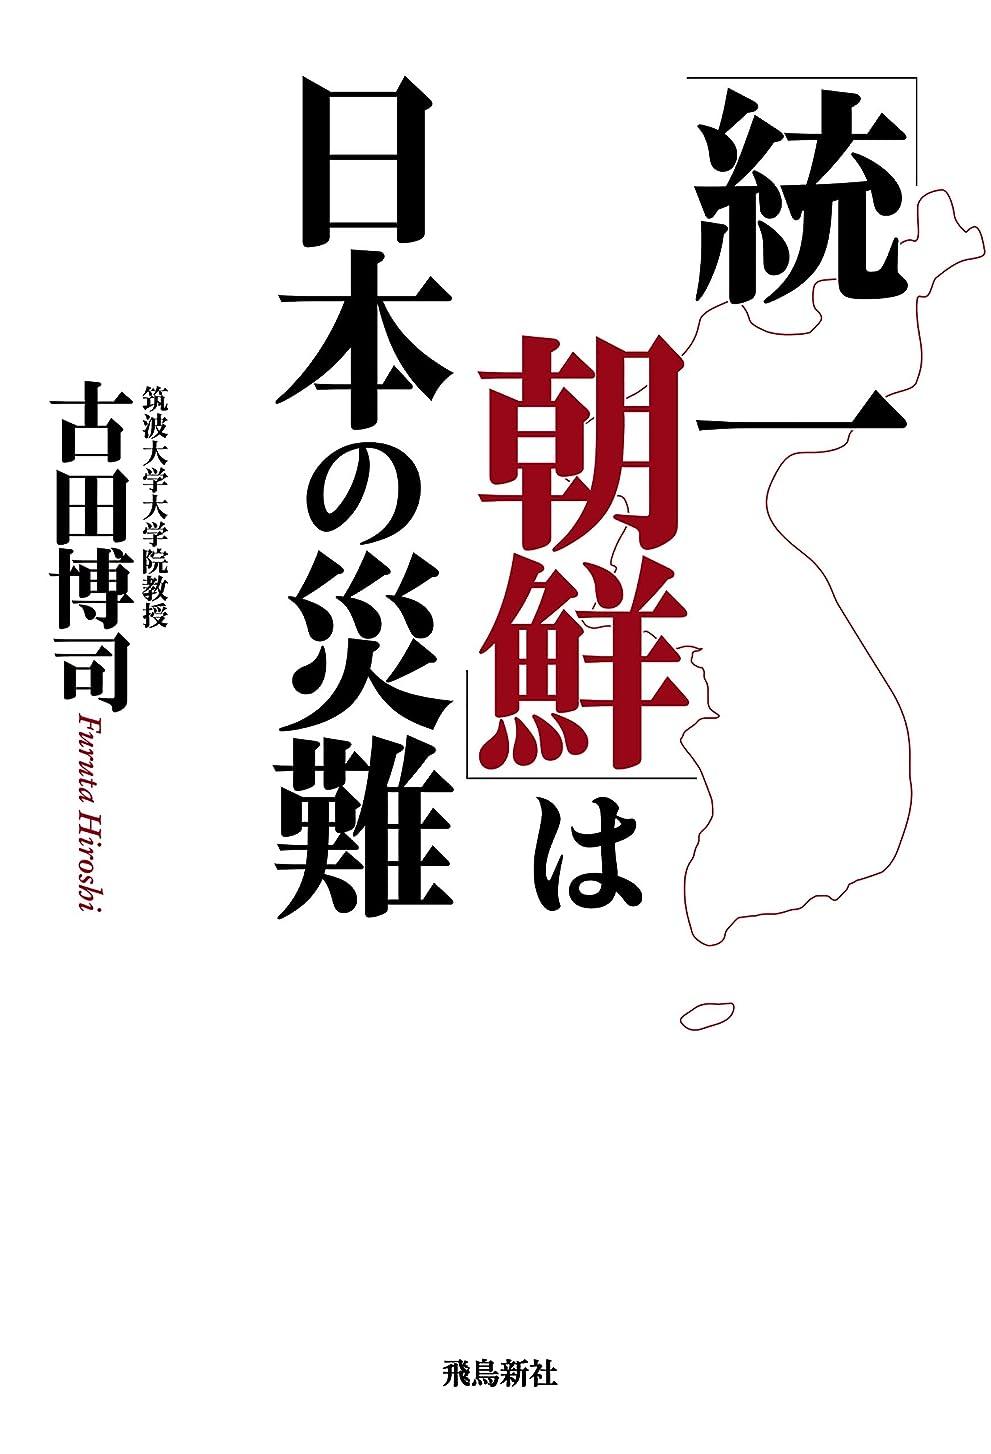 不良品軽紫の「統一朝鮮」は日本の災難